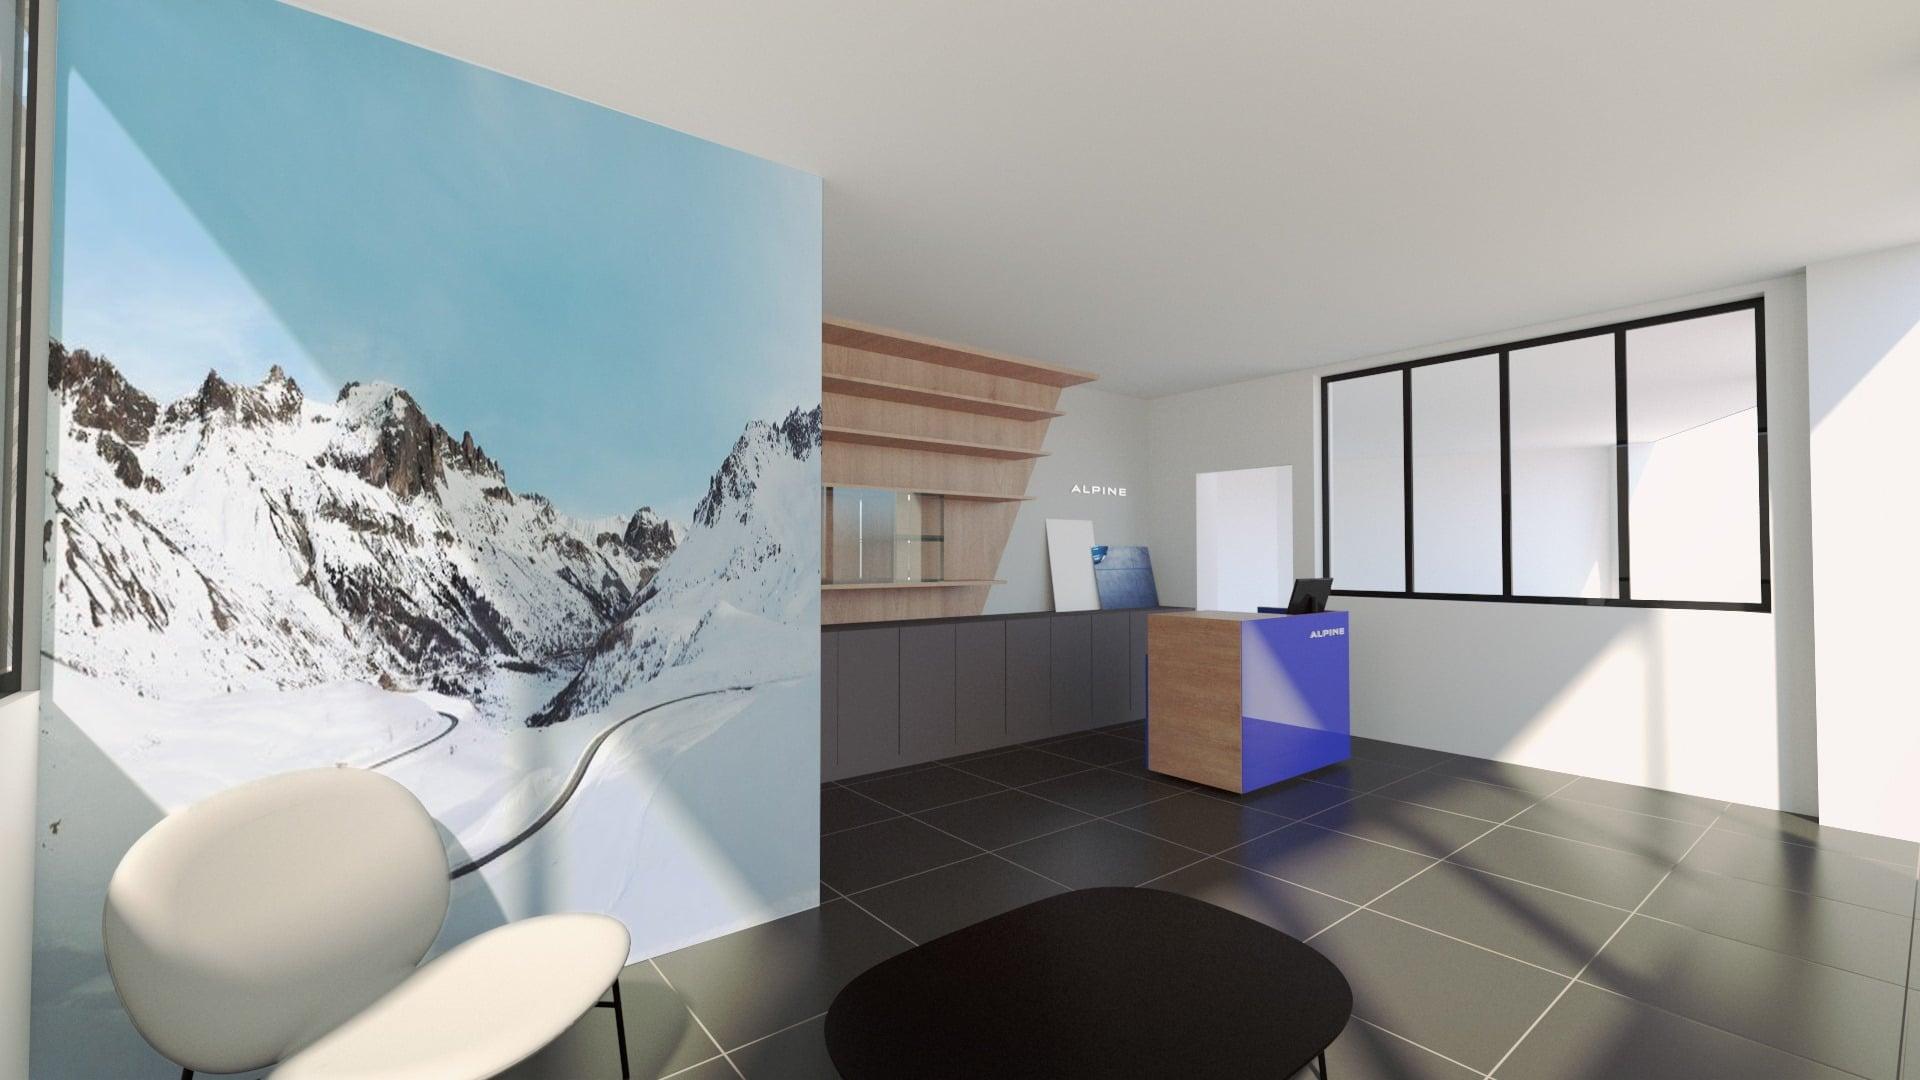 Alpine Service Boulogne Billancourt RRG Atelier Centre 2 | Alpine Service : RRG ouvre son premier Centre de Service Alpine en 2020